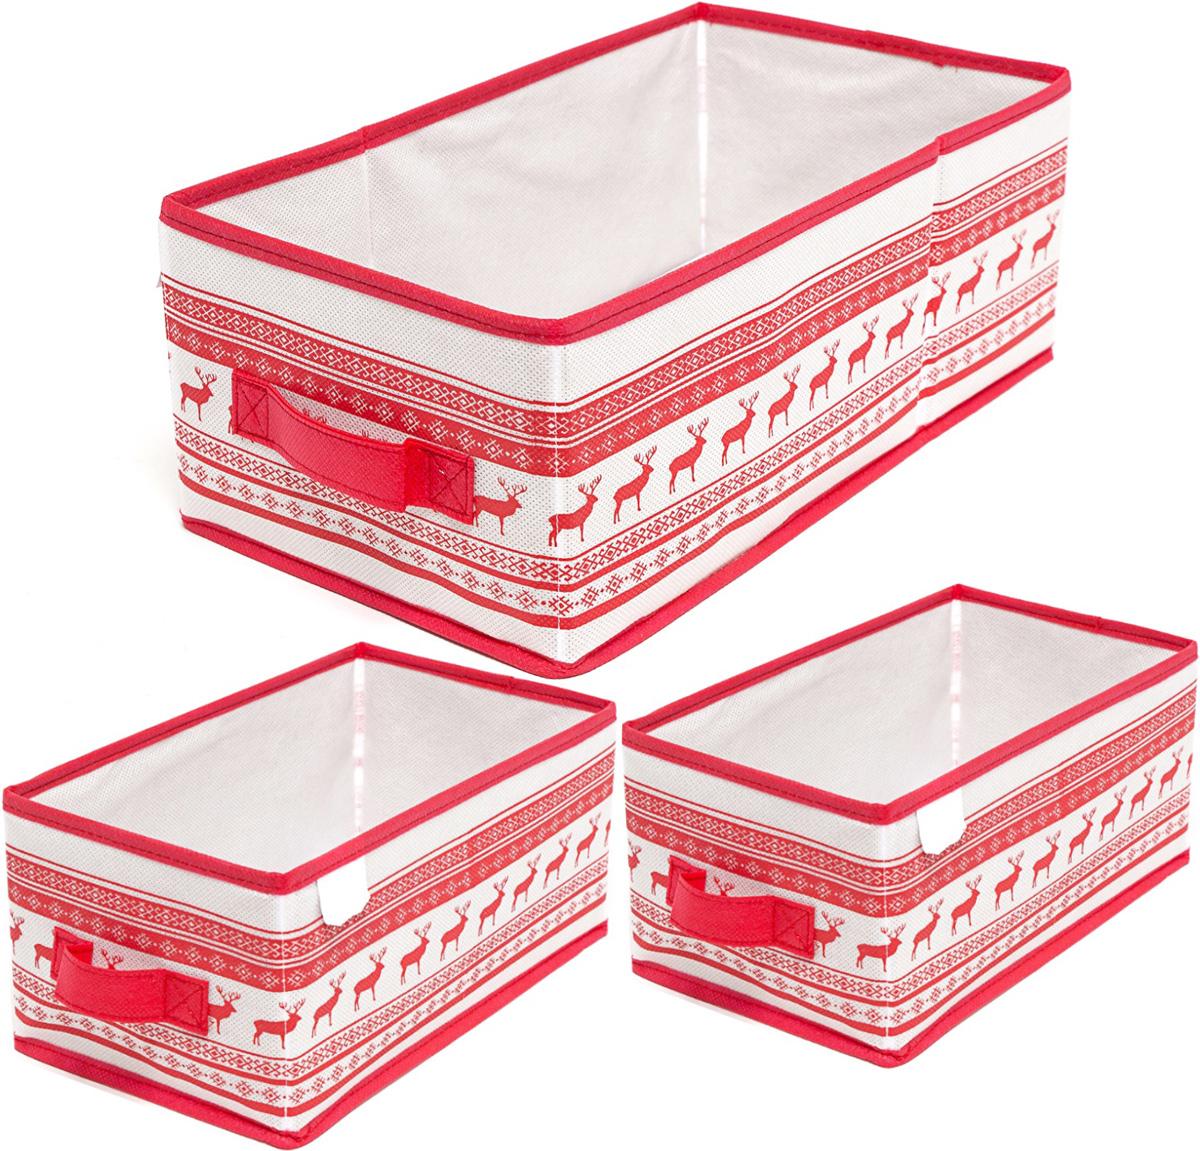 Набор ящиков Homsu Scandinavia, 3 штRG-D31SНабор ящиков Homsu Scandinavia, выполненный из спанбонда и картона,состоит из трех универсальных коробочек для хранения любых вещей, оптимальный размер которых позволяет хранить в них любые вещи и предметы. Все они имеют жесткие борта, что является гарантией сохранности вещей.